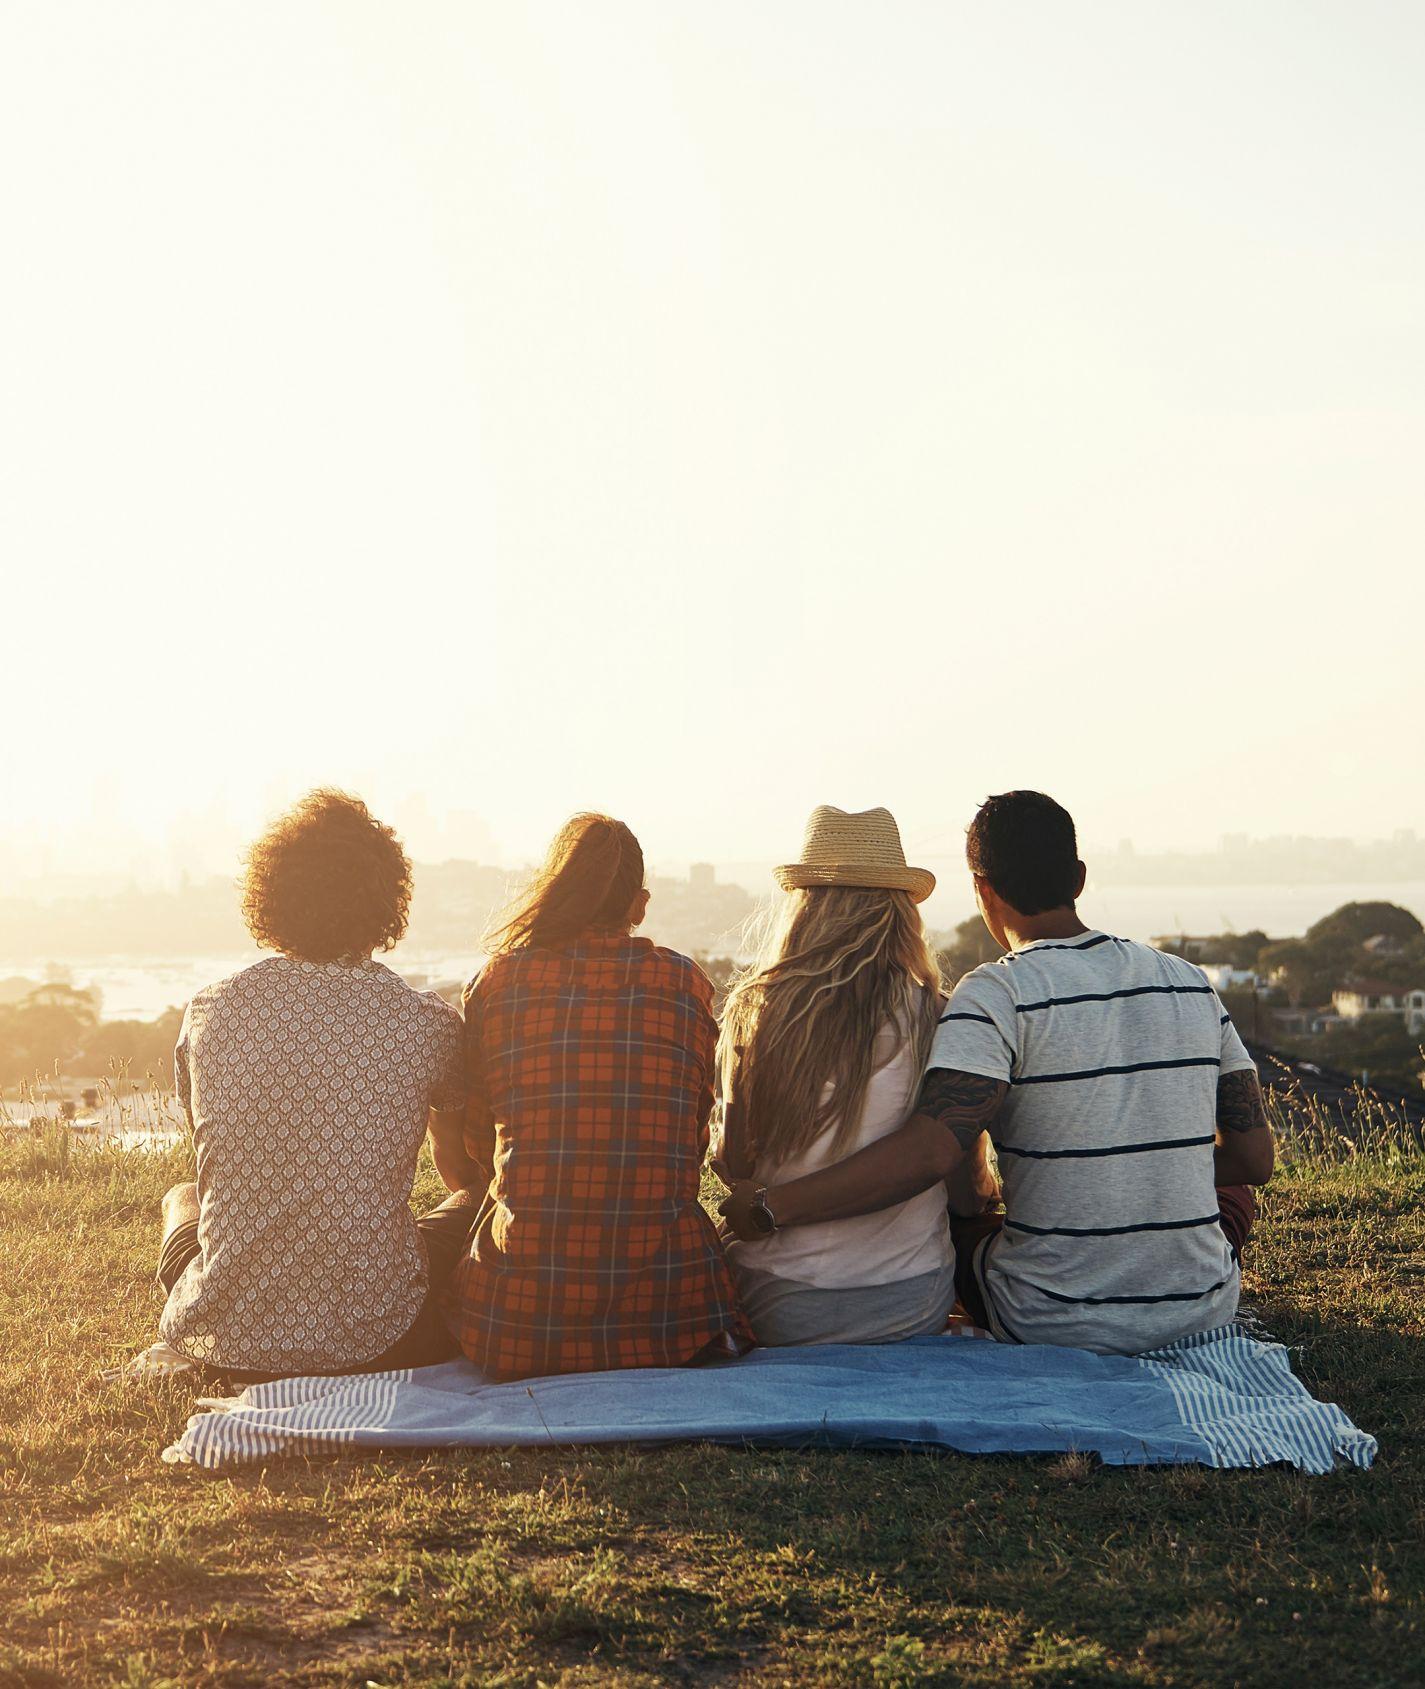 vier junge Menschen schauen in die Ferne und sitzen auf einer Wiese